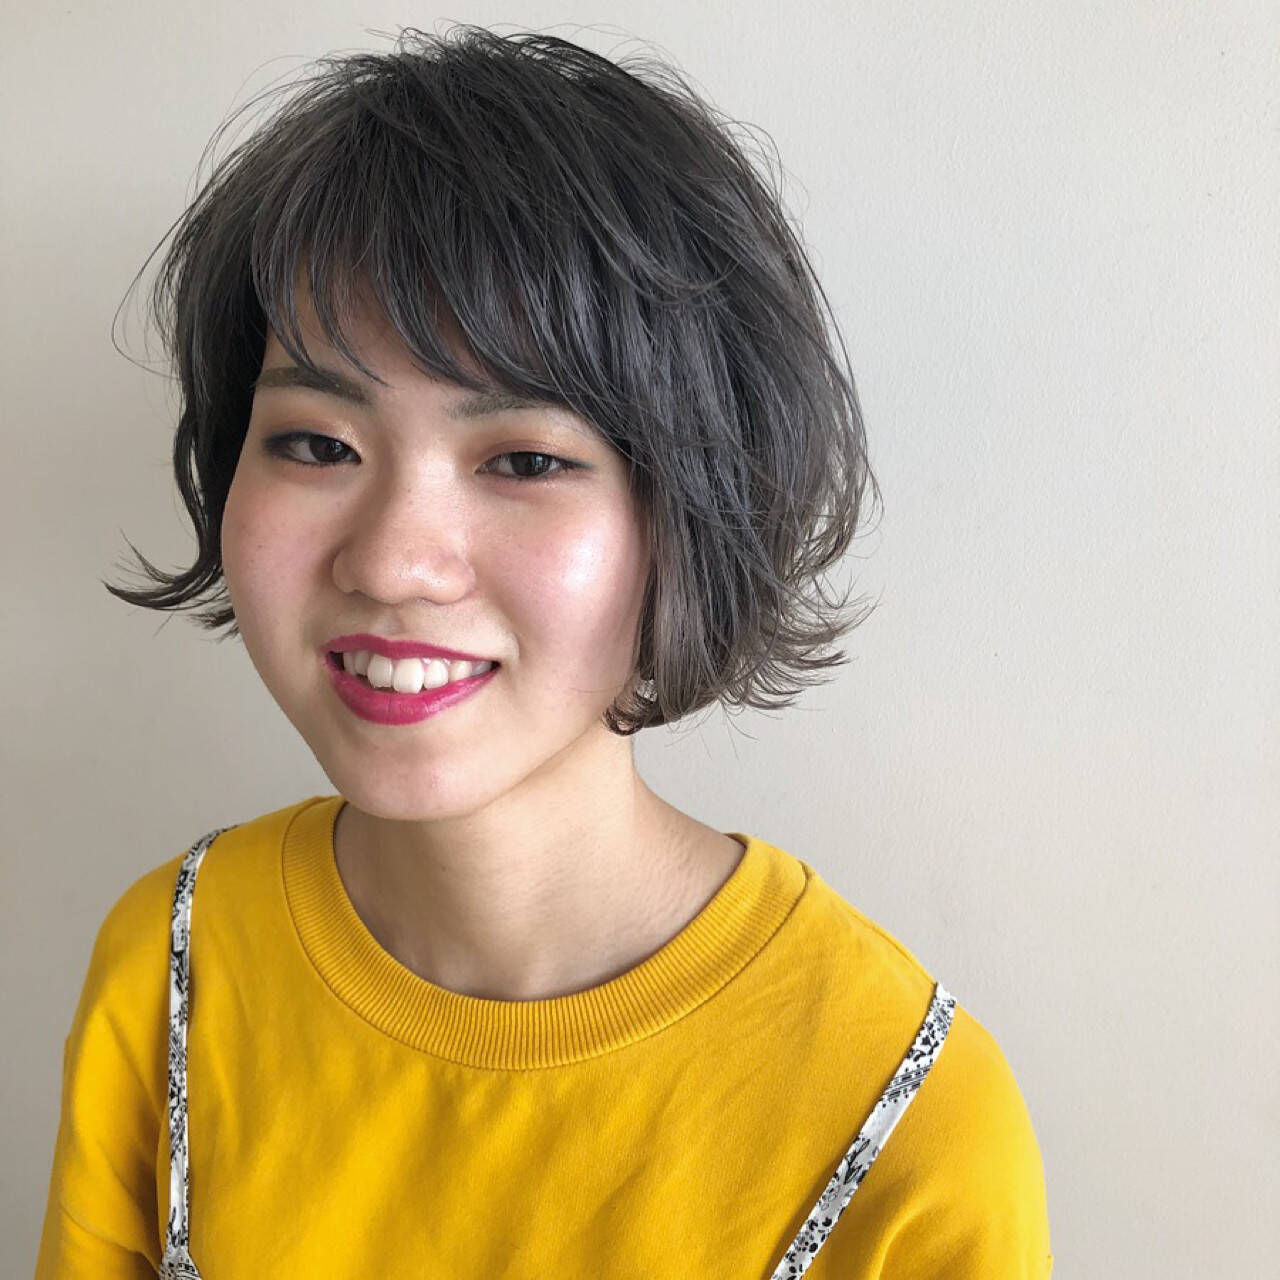 ガーリー 外国人風 ゆるふわ 大人かわいいヘアスタイルや髪型の写真・画像